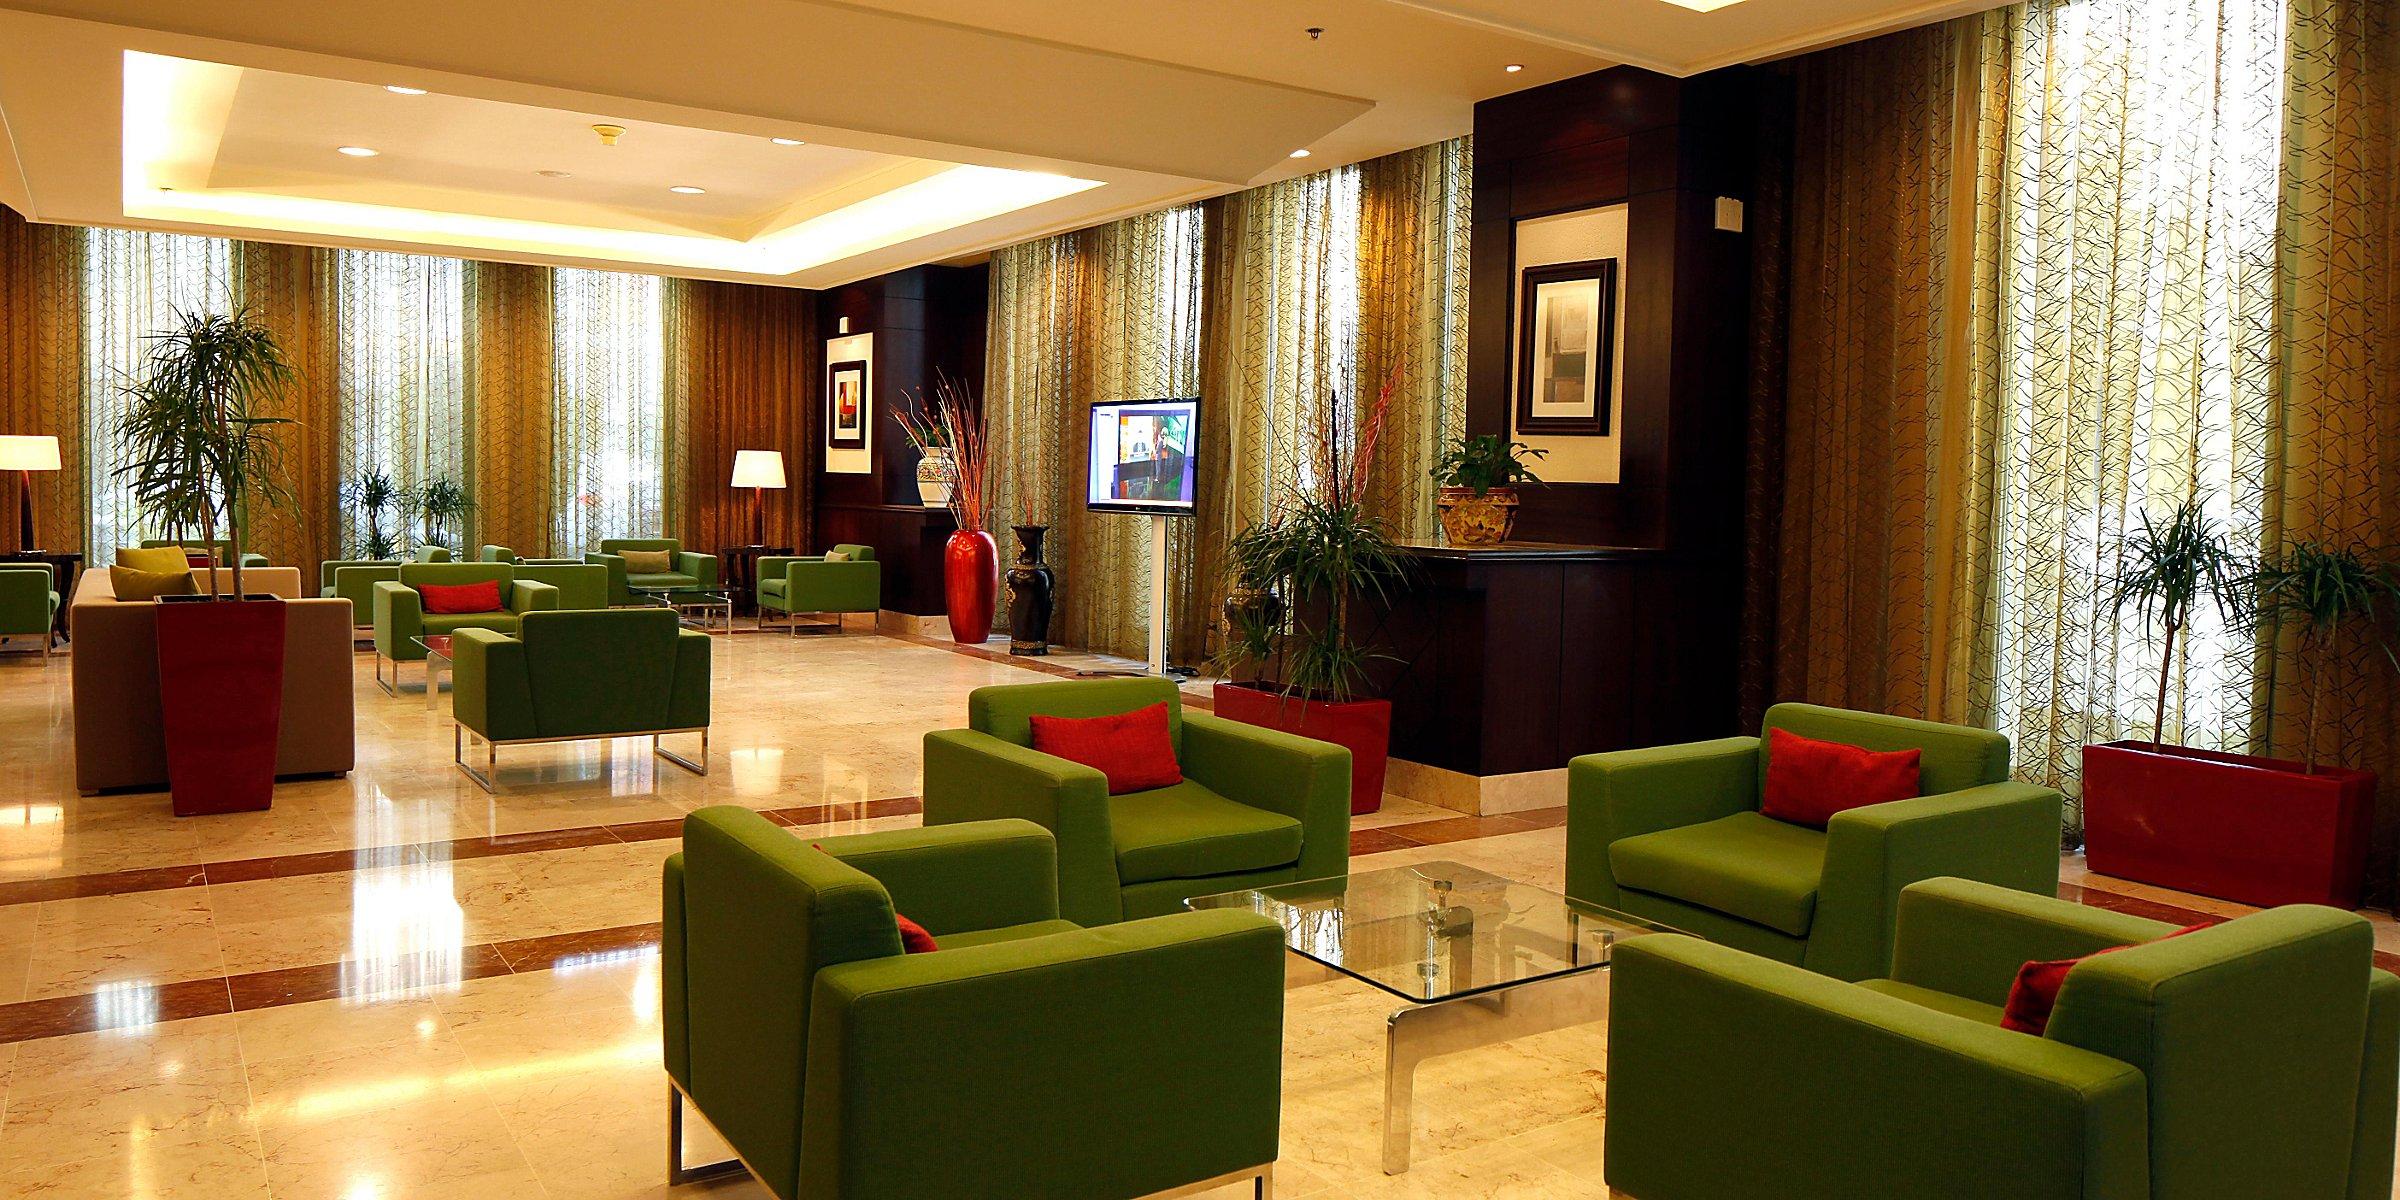 Holiday Inn Riyadh - Olaya Hotel by IHG